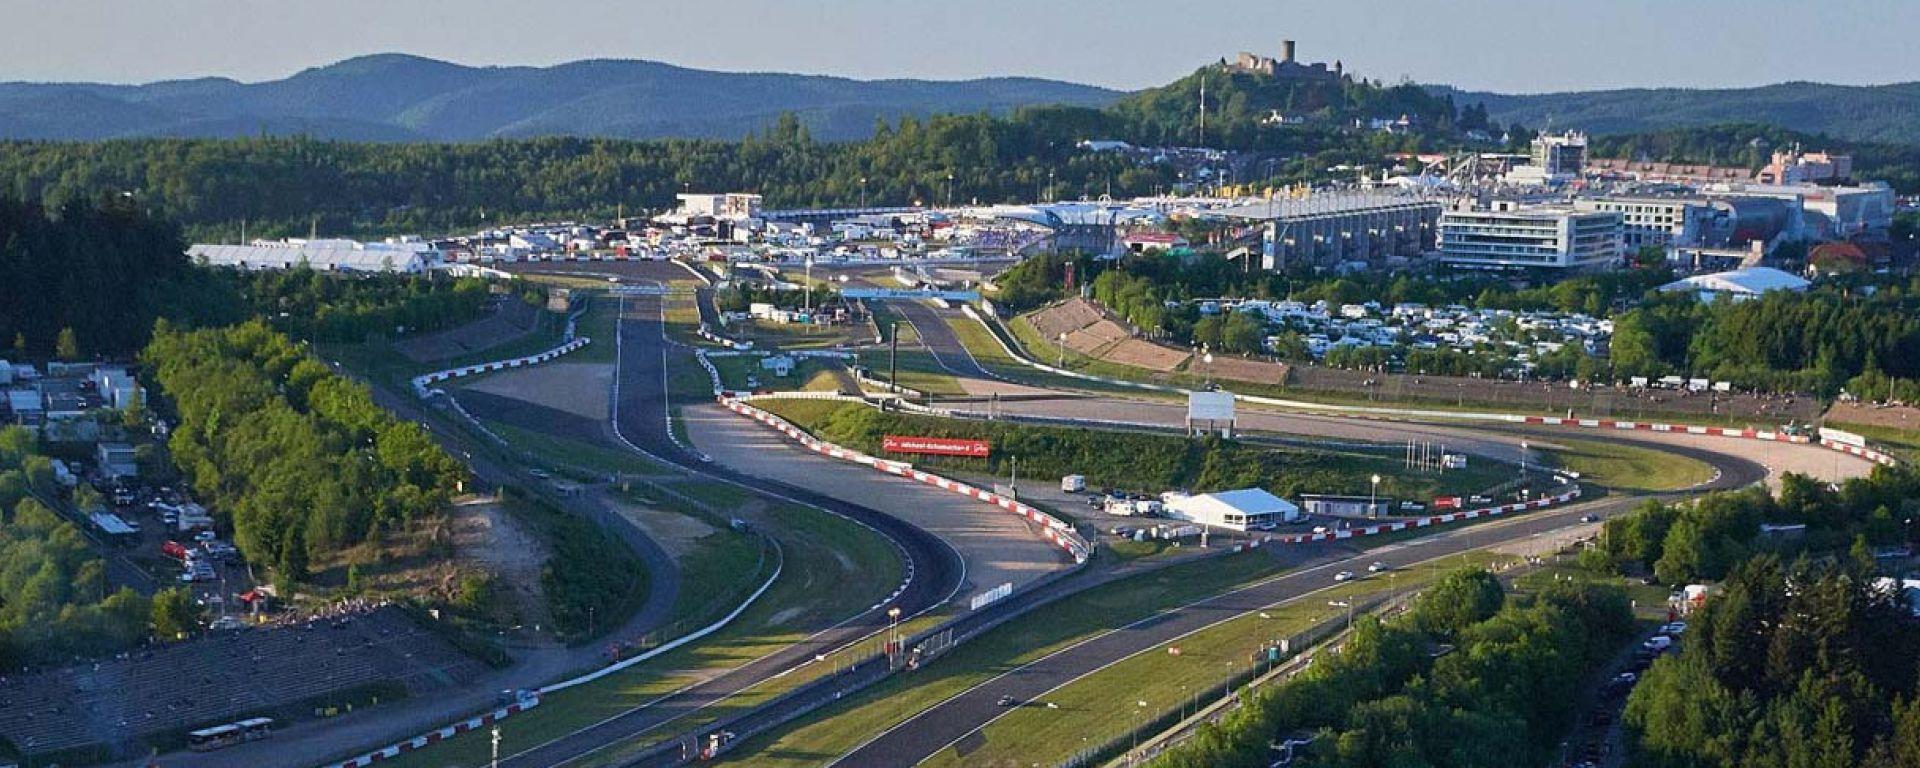 La pista del Nurburgring